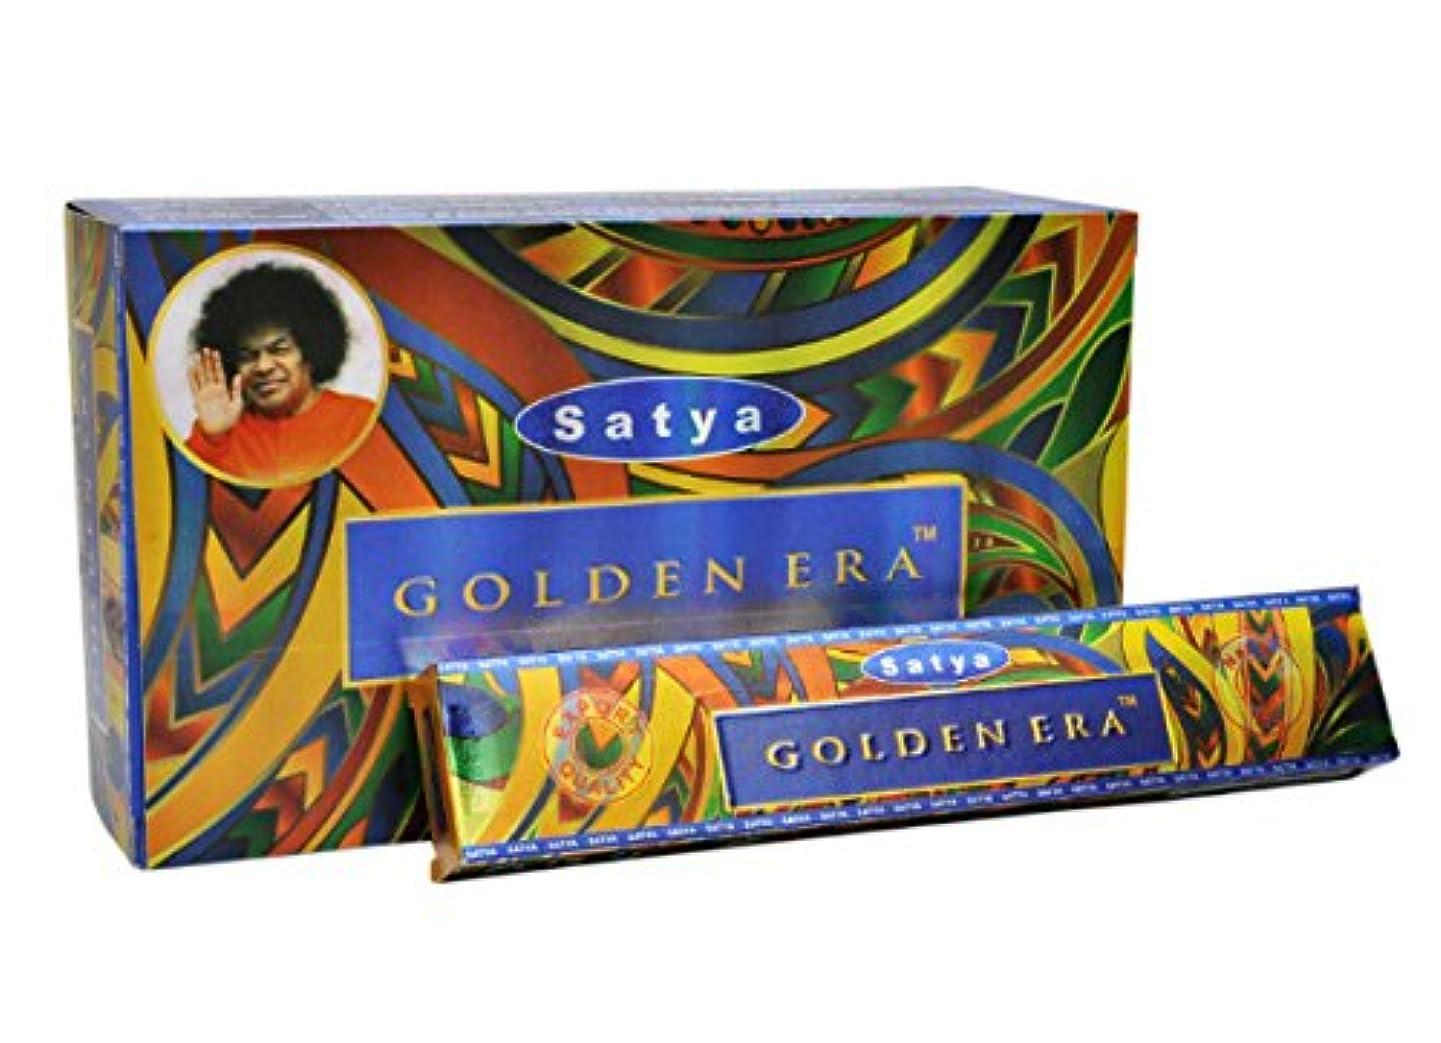 見捨てる告白潤滑するSatya Golden Era お香スティック 180gフルボックス